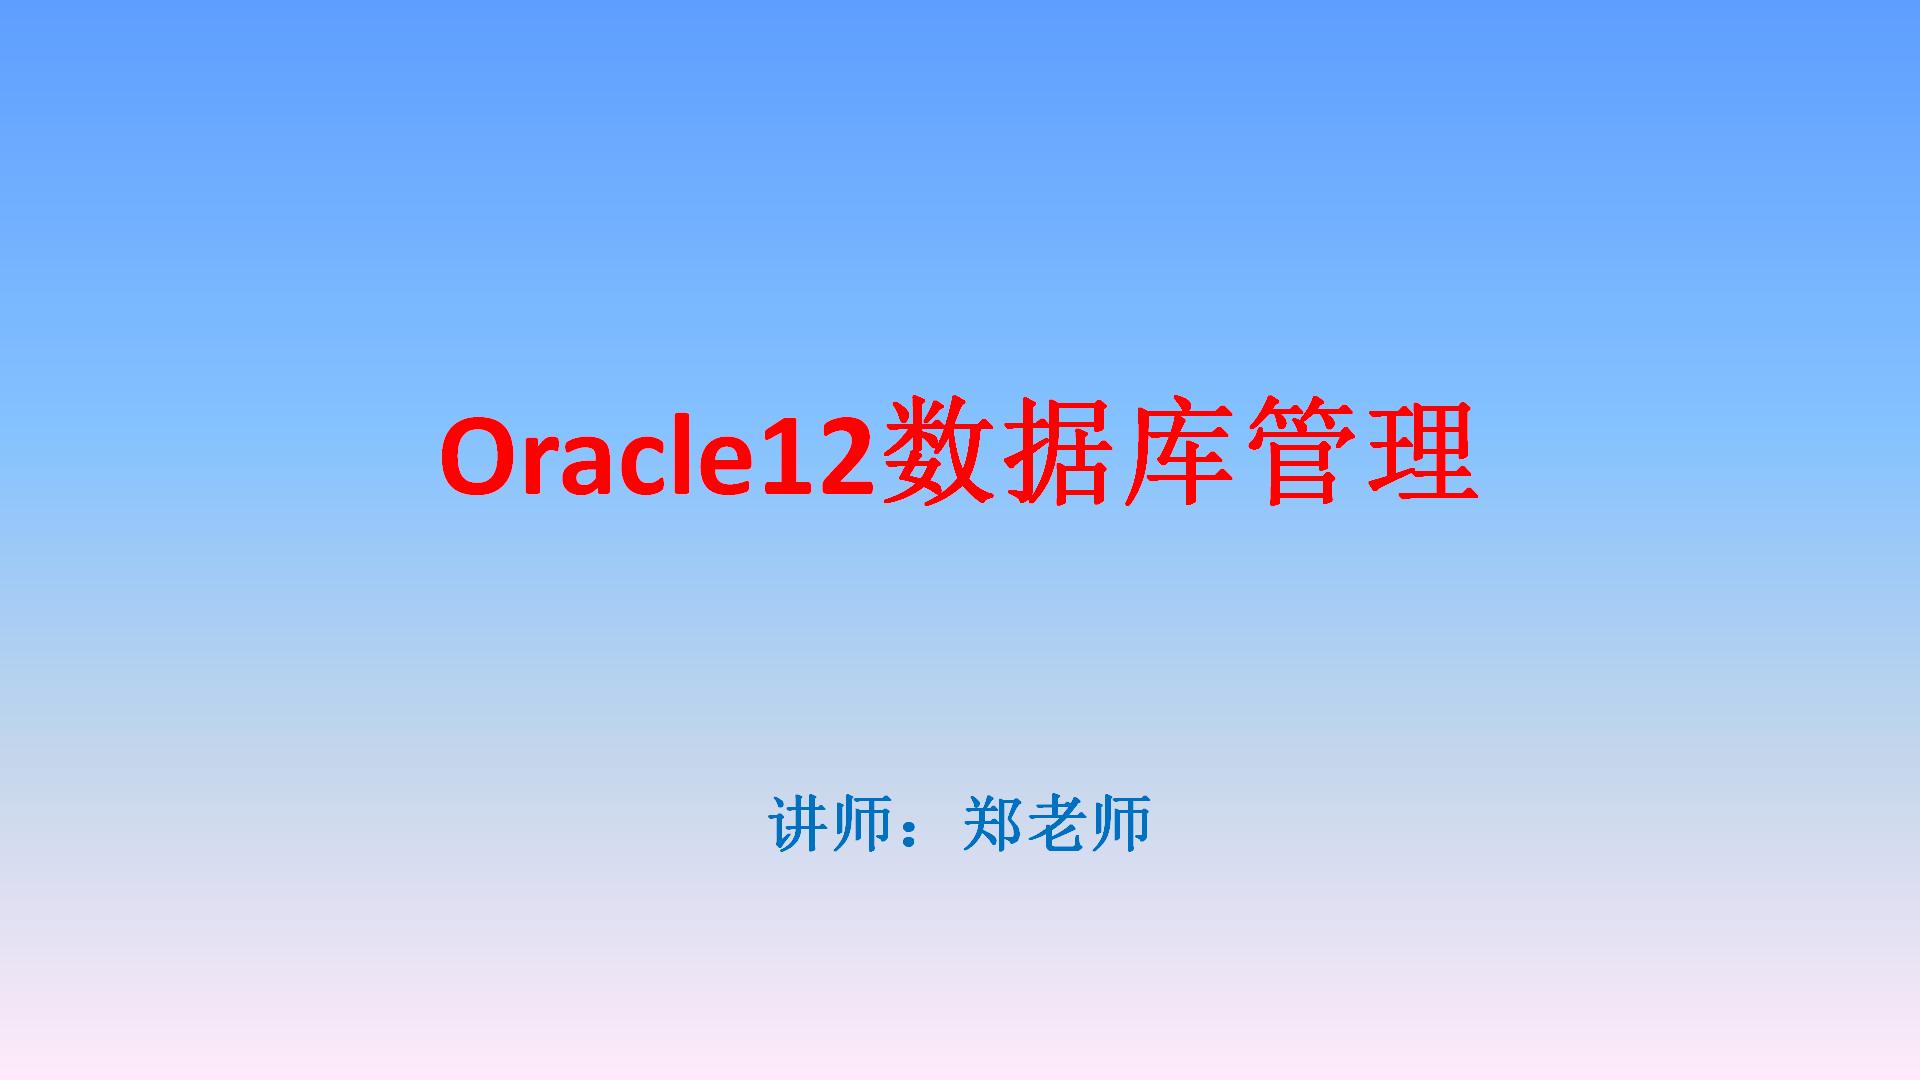 Oracle12数据库管理/DBA/数据库工程师培训